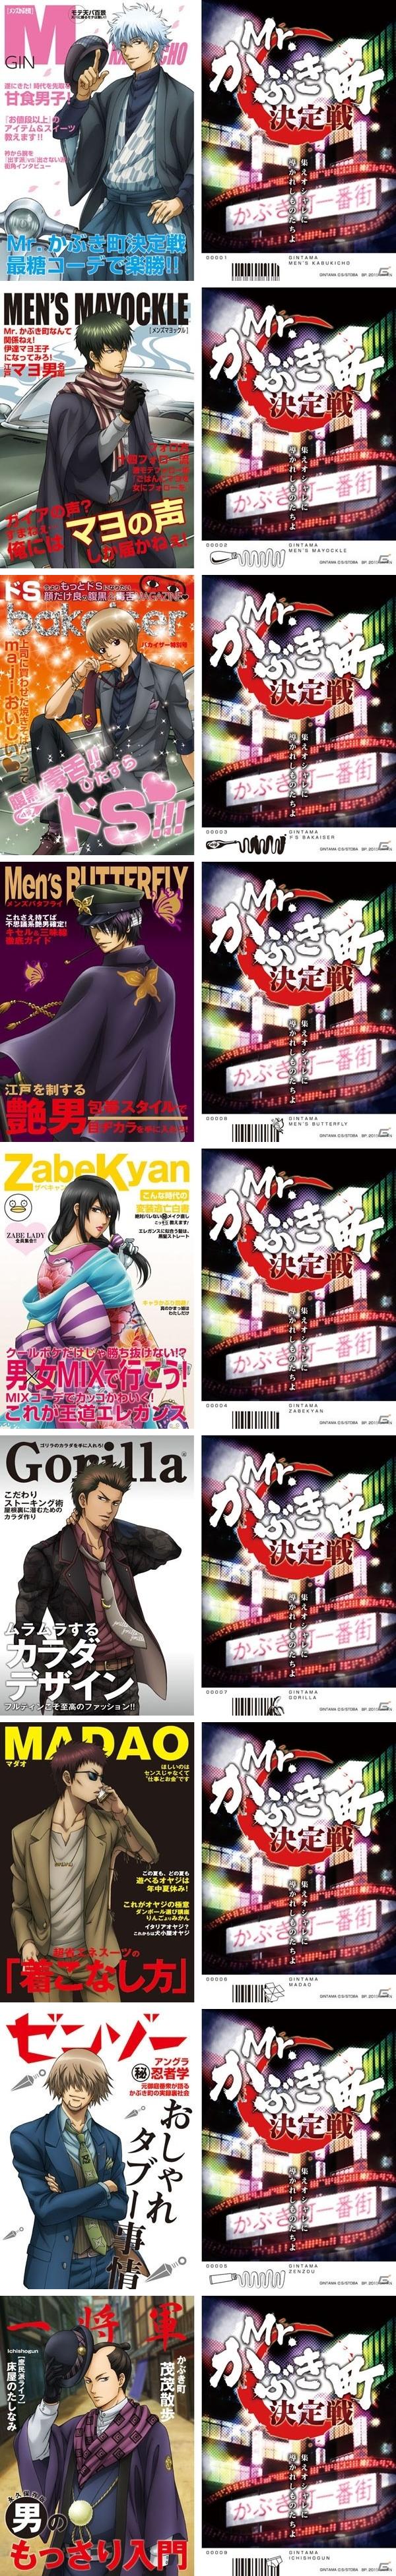 gintama magazine 銀魂 銀魂 公式 銀魂 イラスト